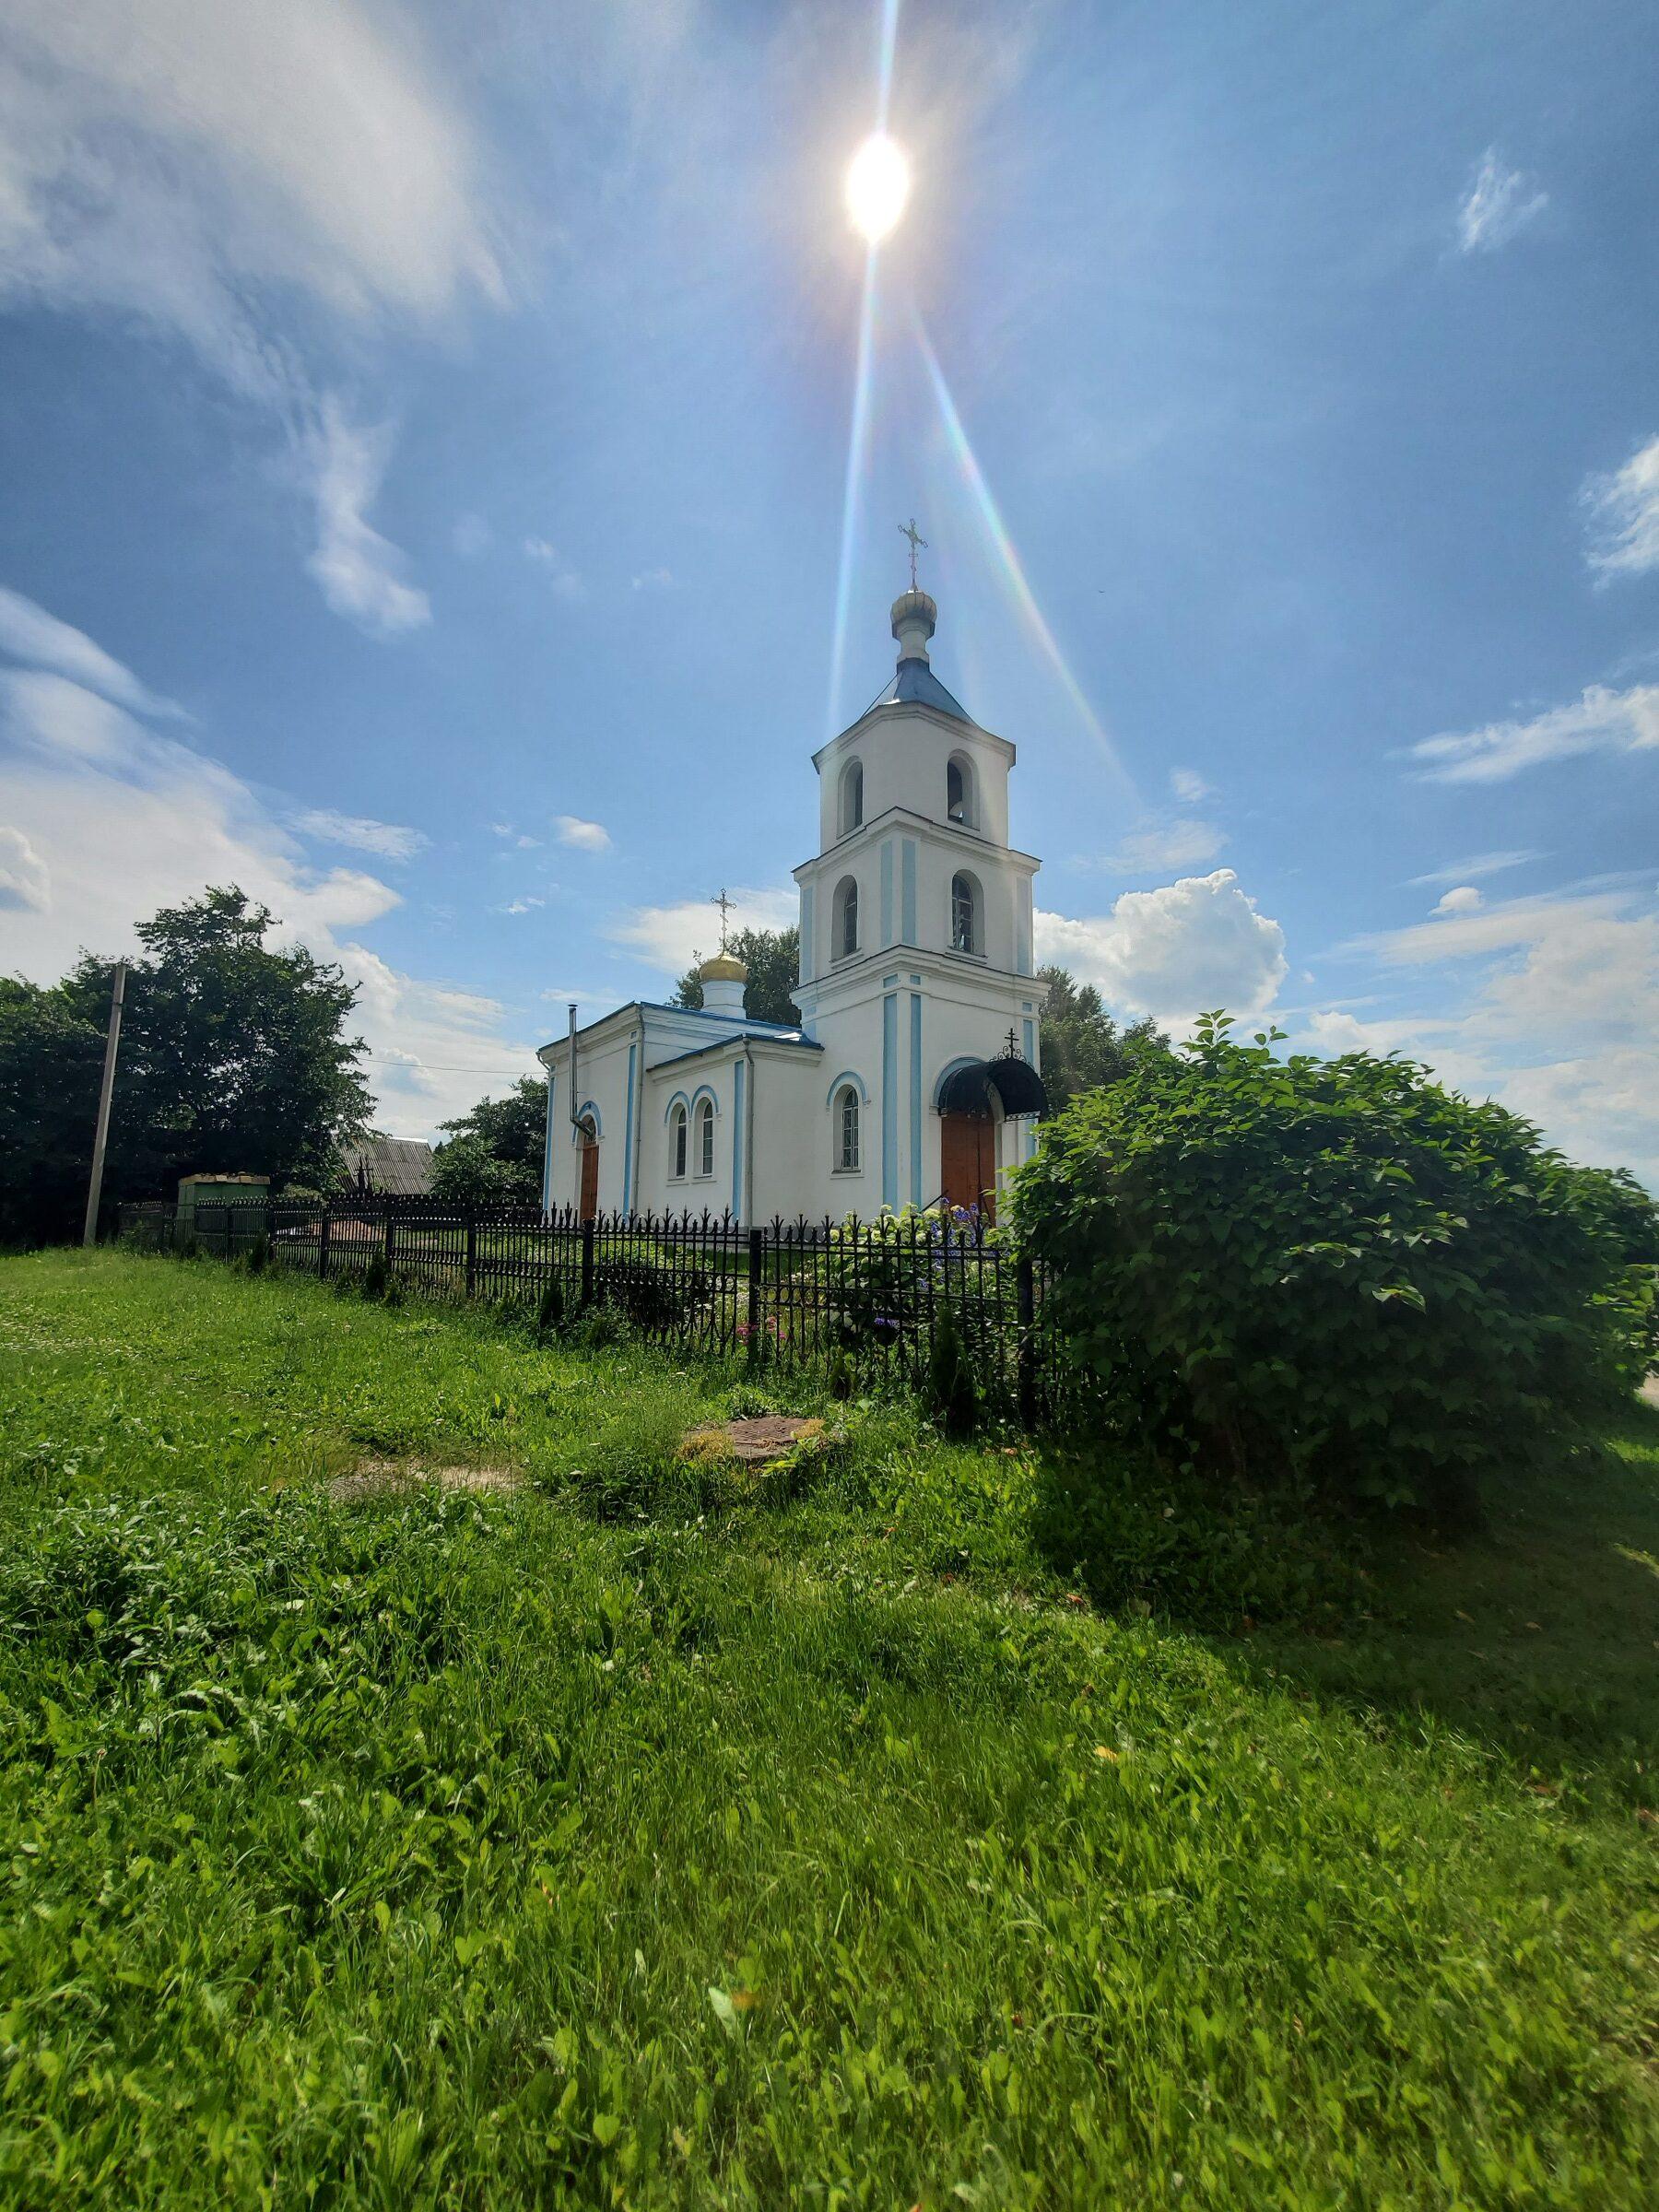 20200705 143424 rotated - Церковь Святой Параскевы Пятницы и усадьба Гребницких в Ореховно